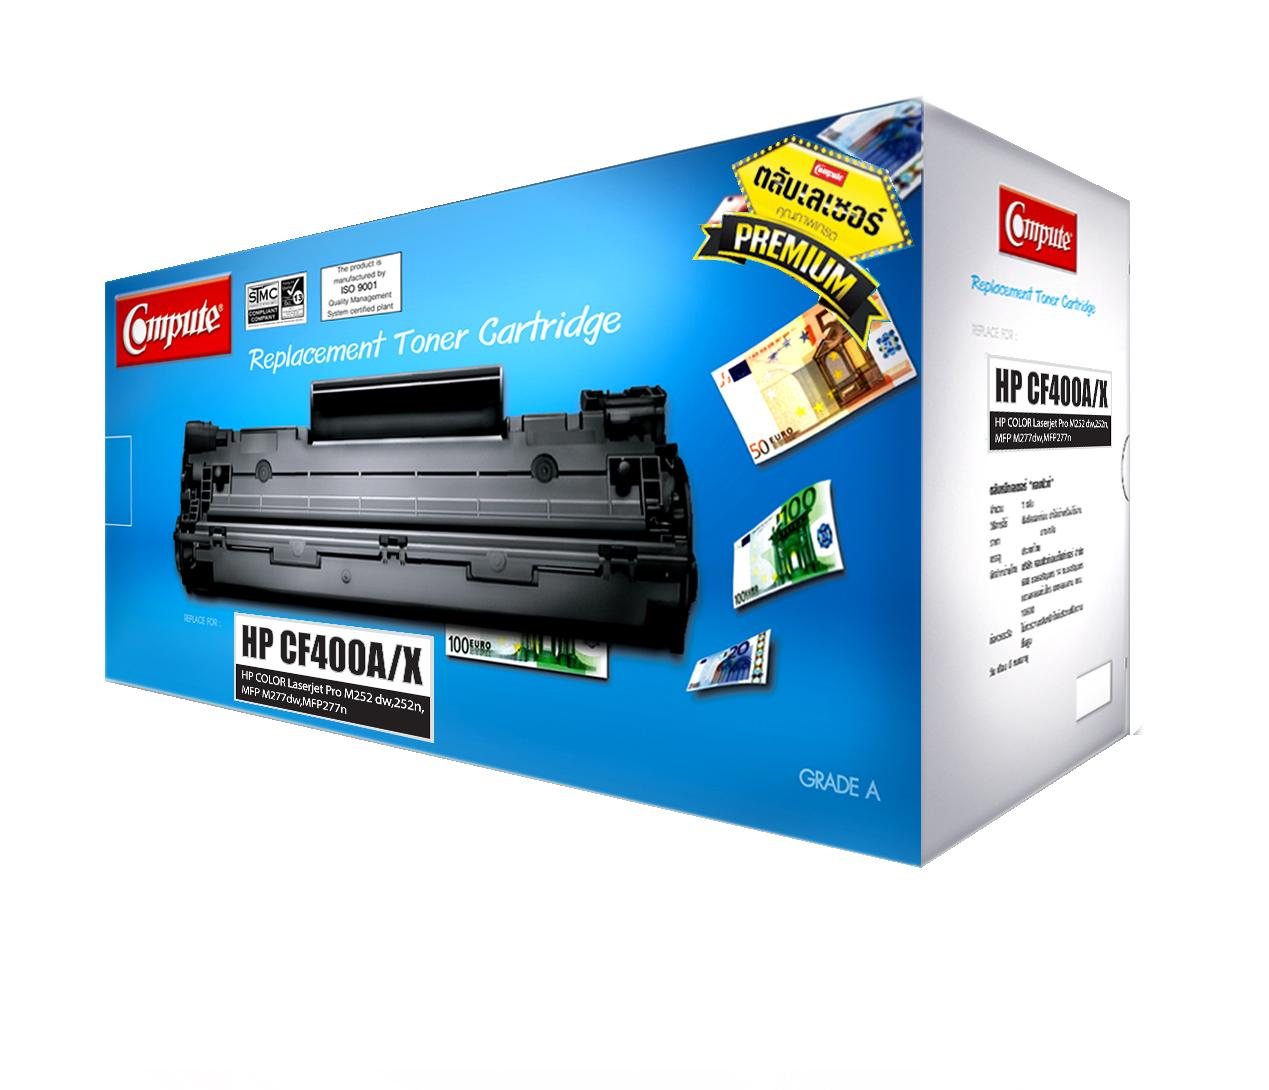 ตลับหมึกเลเซอร์ HP 201A/ 201X, CF400A/ CF400X (Black) Compute (Toner Cartridge)